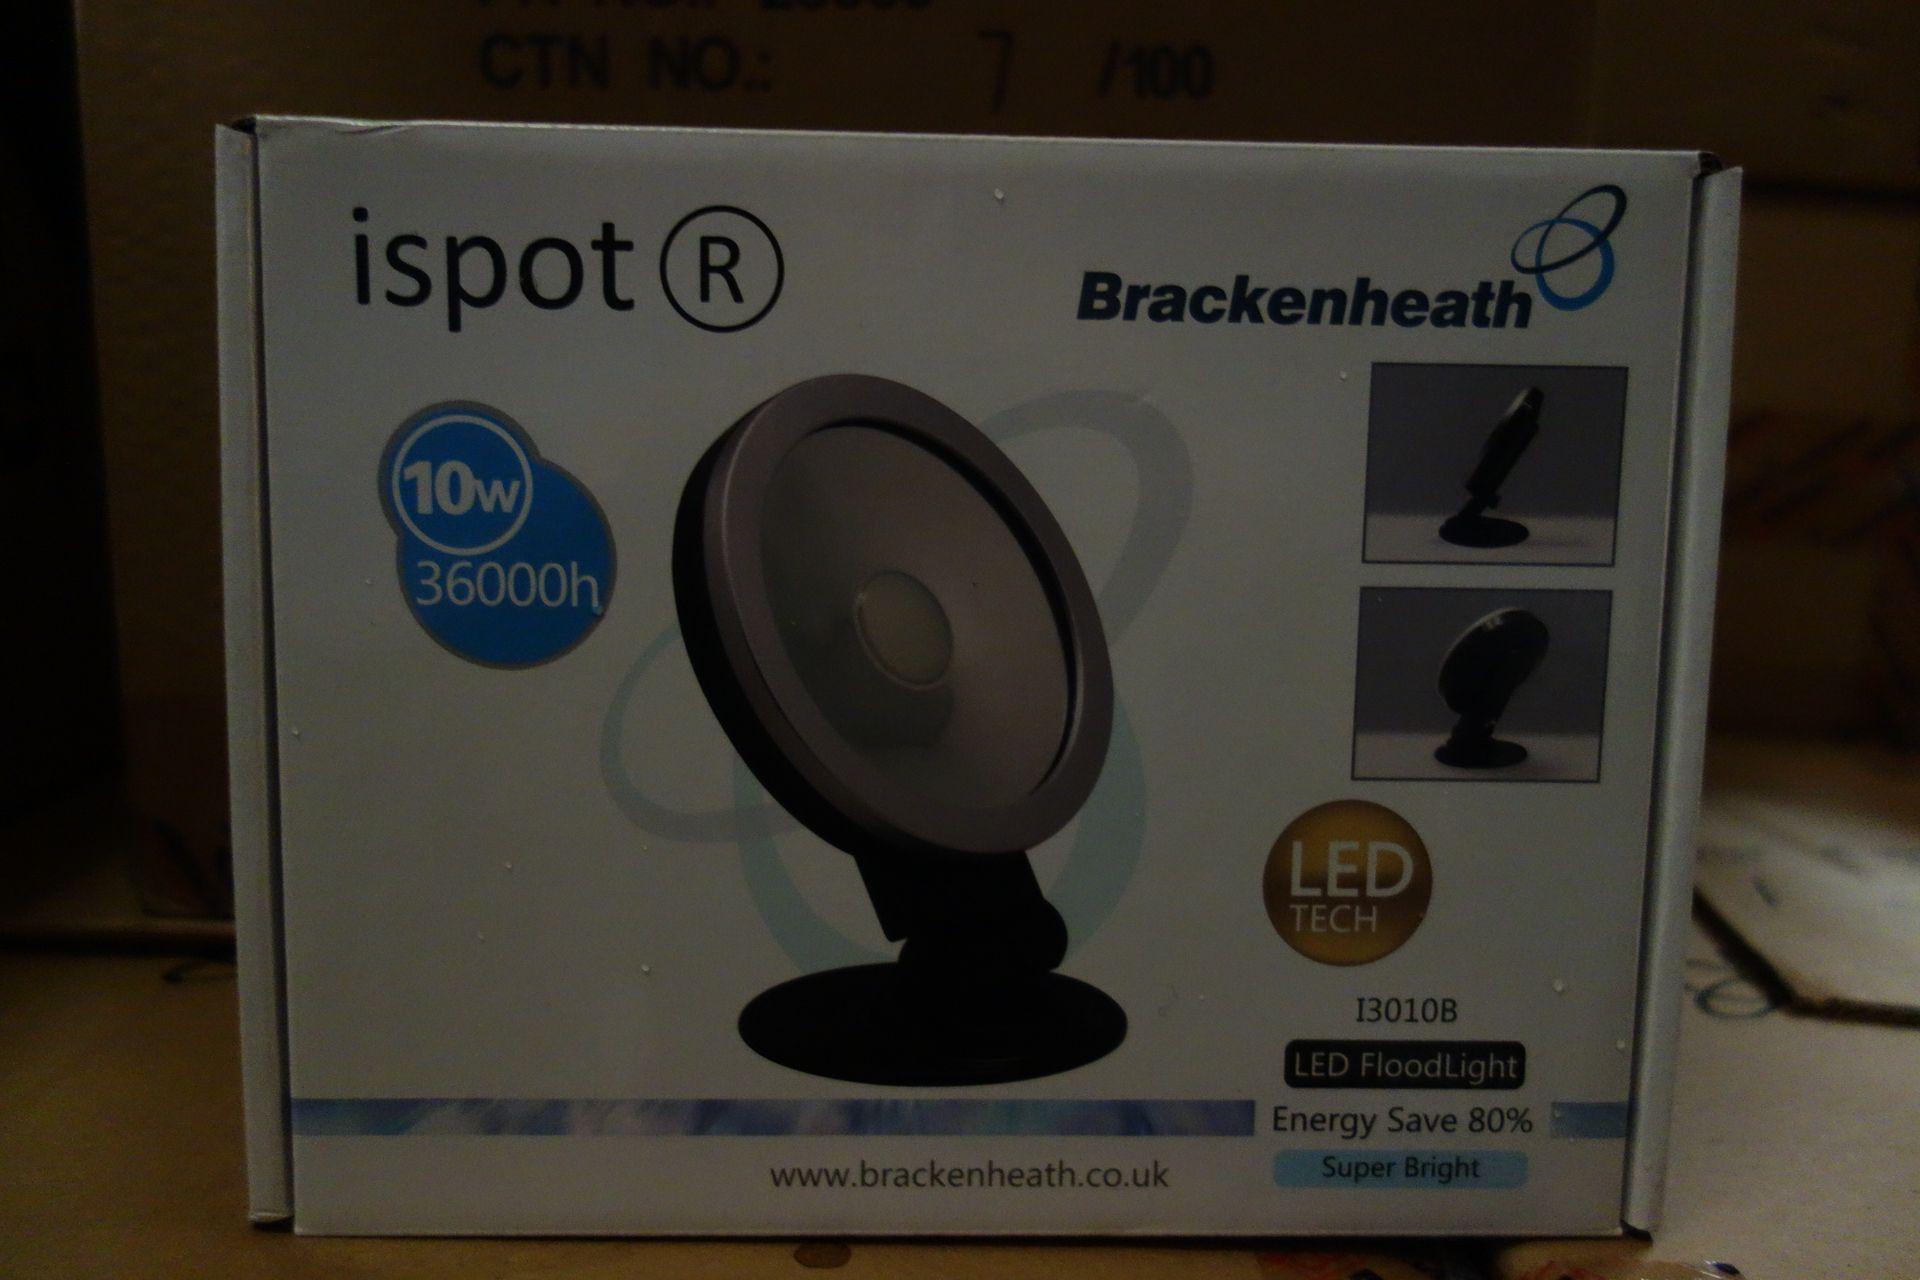 Lot 16 - 10 X Brakenheath Ispot 13010B 10W LED Flood Light